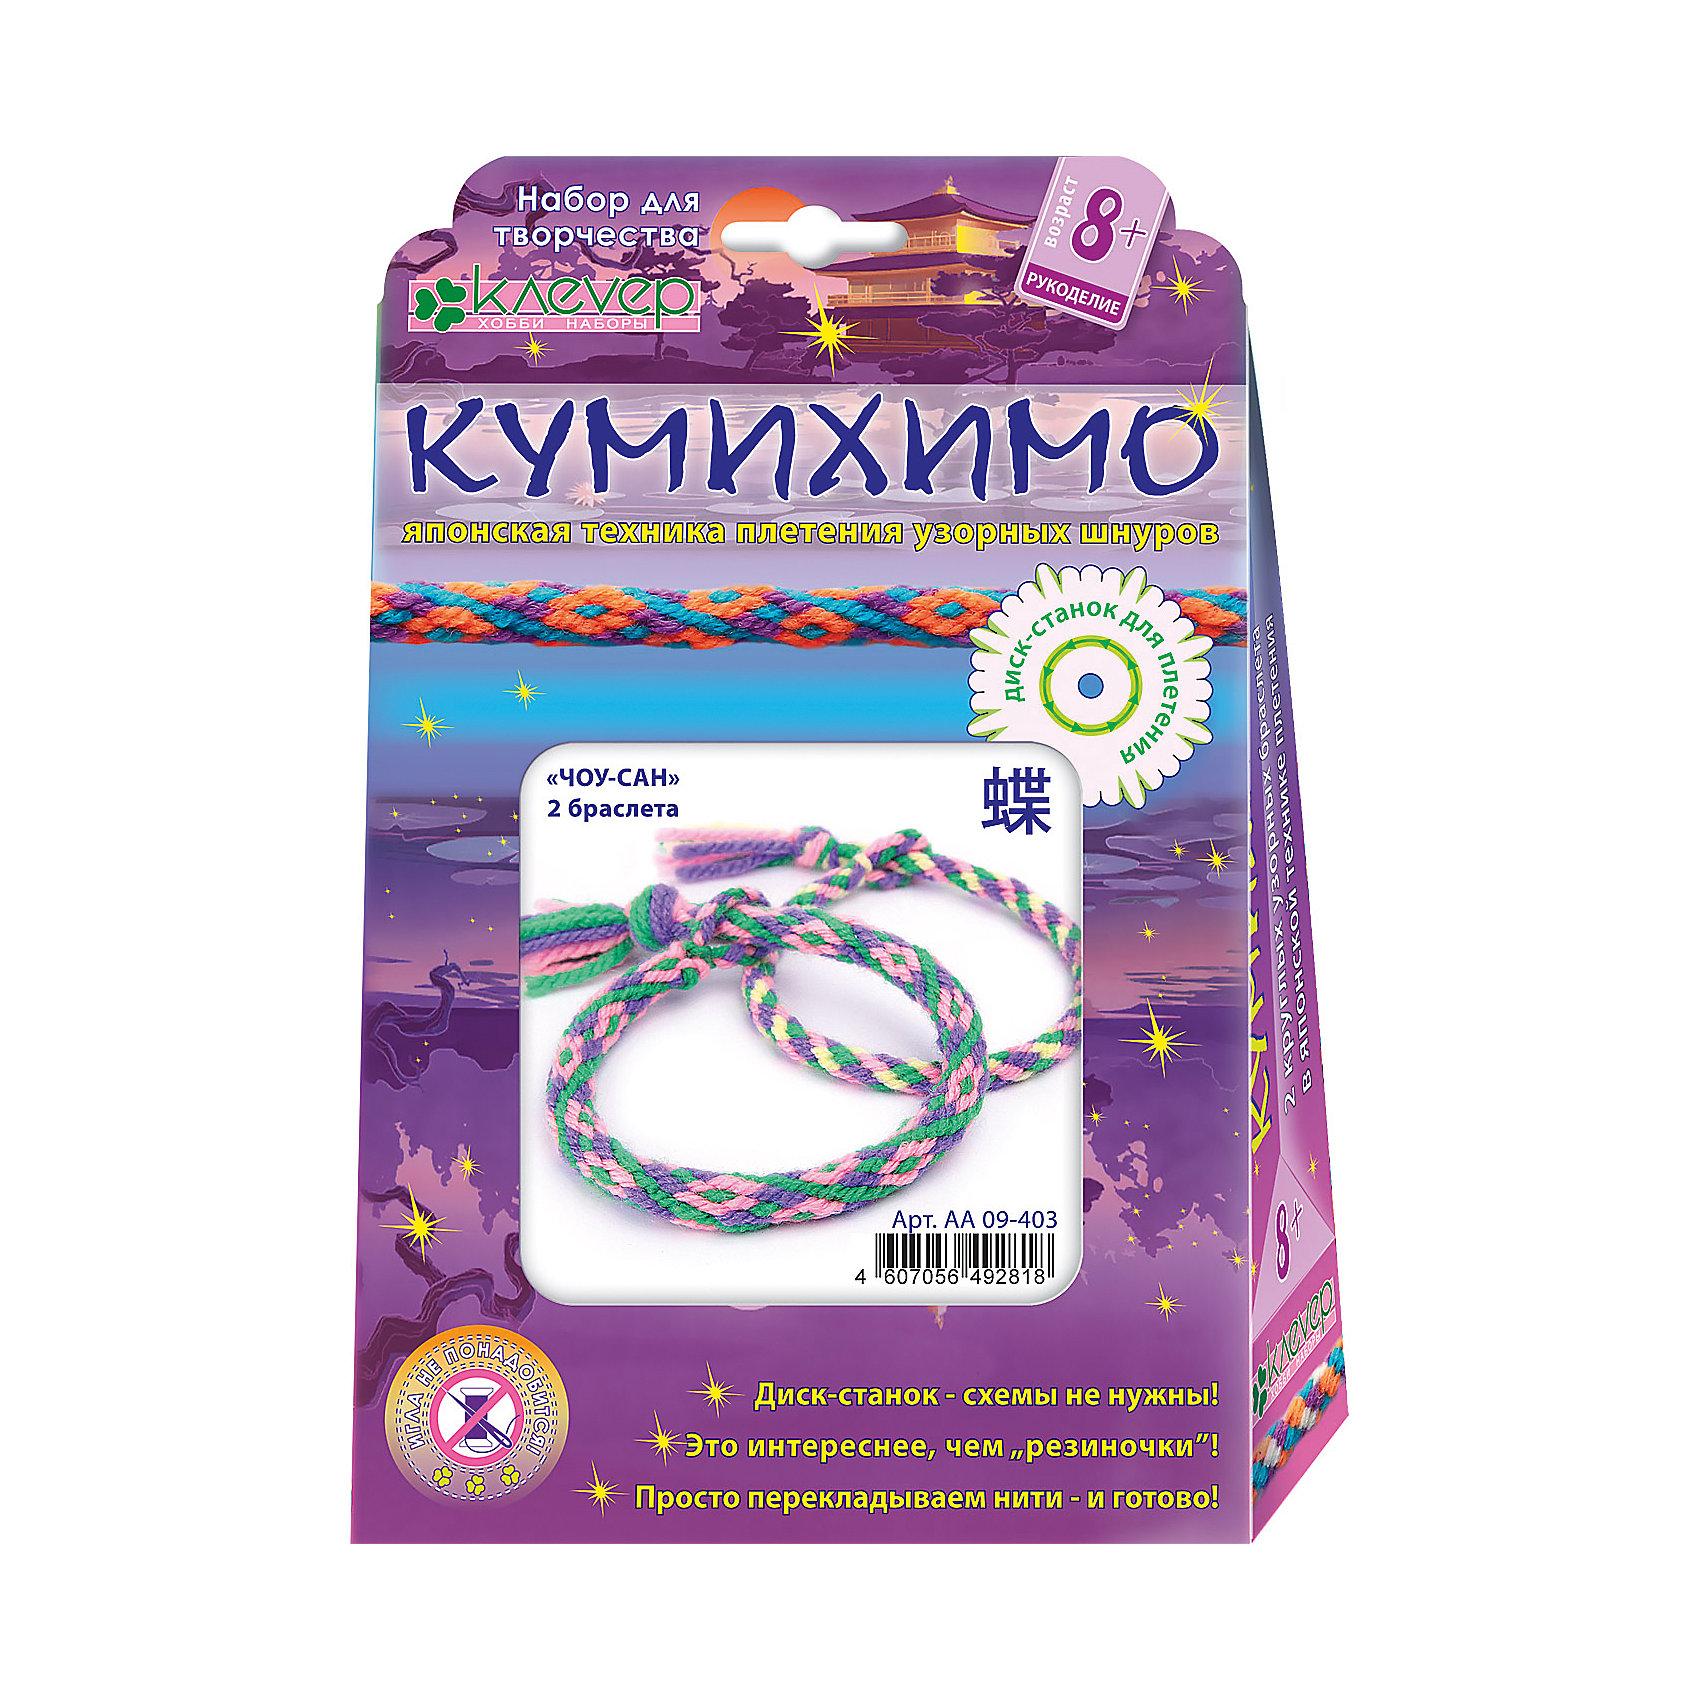 Набор для изготовления двух браслетов Кумихимо Чоу-Сан, пряжаРукоделие<br>Характеристики:<br><br>• Коллекция: кумихимо<br>• Тематика: аксессуары<br>• Уровень сложности: средний<br>• Материал: акриловая пряжа, бумага, картон<br>• Комплектация: набор акриловой пряжи для плетения двух браслетов, диск для плетения, инструкция<br>• Диаметры готовых браслетов: 8,0 см и 7,5 см<br>• Размеры (Д*Ш*В): 14*21,6*34 см<br>• Вес: 42 г <br>• Упаковка: картонная коробка<br><br>Набор для изготовления двух браслетов Кумихимо Чоу-Сан, пряжа состоит из всех необходимых материалов для плетения двух браслетов-фенечек в японской технике – кумихимо. Эта техника плетения характеризуется созданием объемного шнура с узором, выполненным из разноцветных ниток. <br><br>Набор для изготовления двух браслетов Кумихимо Чоу-Сан, пряжа можно купить в нашем интернет-магазине.<br><br>Ширина мм: 140<br>Глубина мм: 216<br>Высота мм: 340<br>Вес г: 42<br>Возраст от месяцев: 60<br>Возраст до месяцев: 144<br>Пол: Женский<br>Возраст: Детский<br>SKU: 5541482